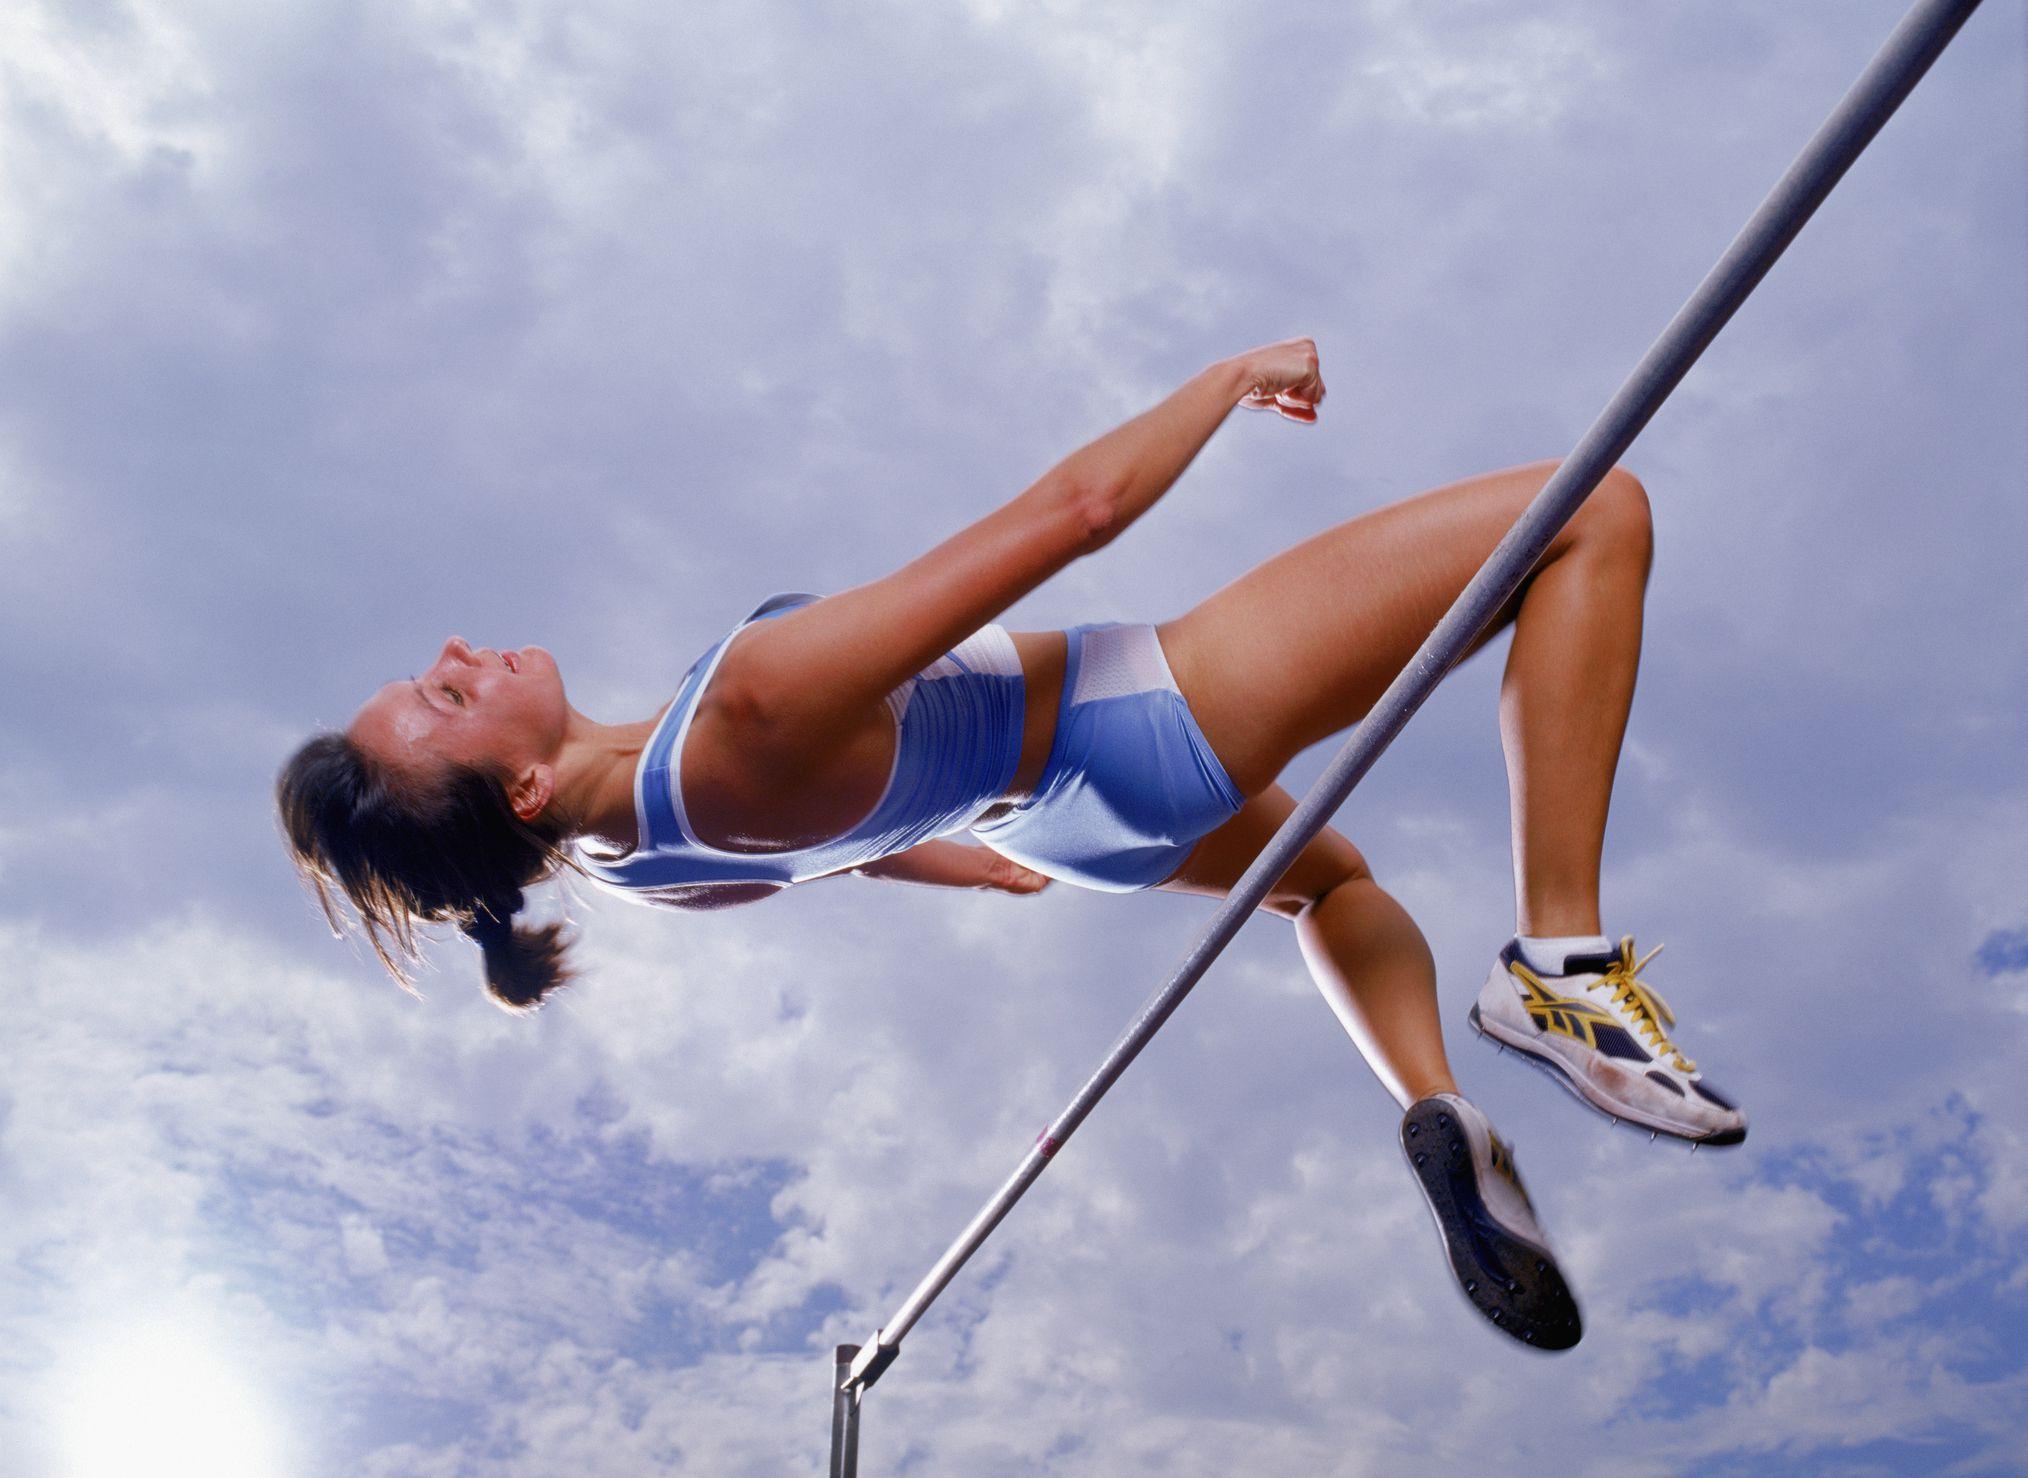 фото прыжки в высоту красивые временем обязательным